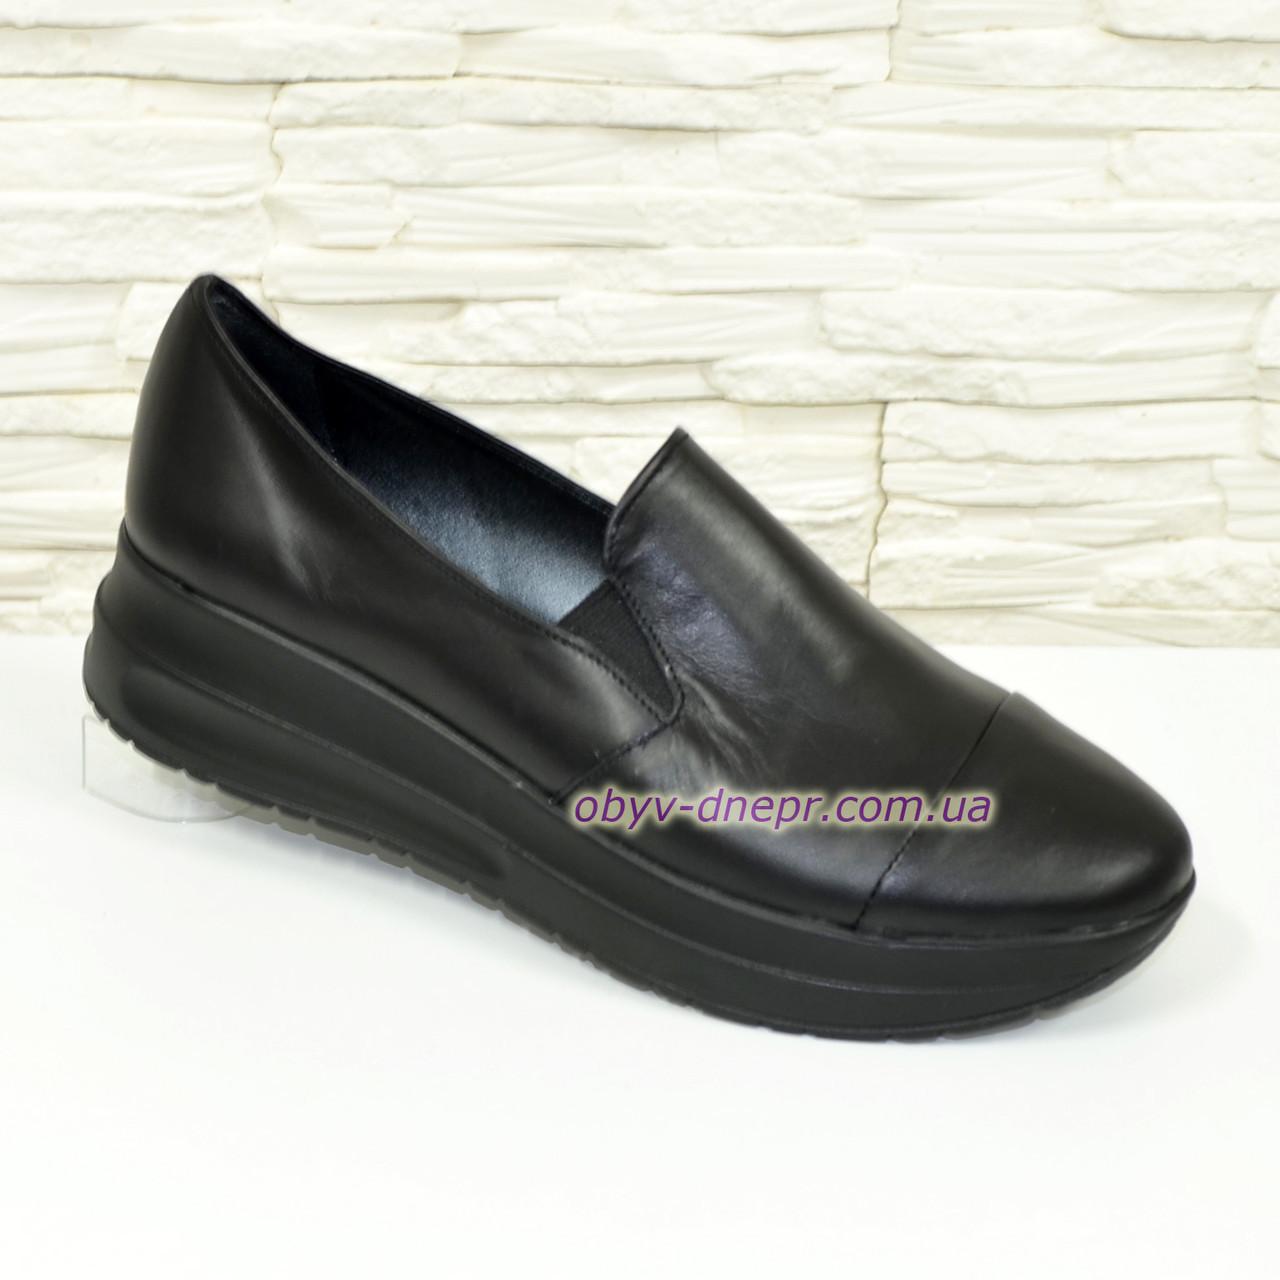 Туфли черные кожаные женские на утолщенной подошве